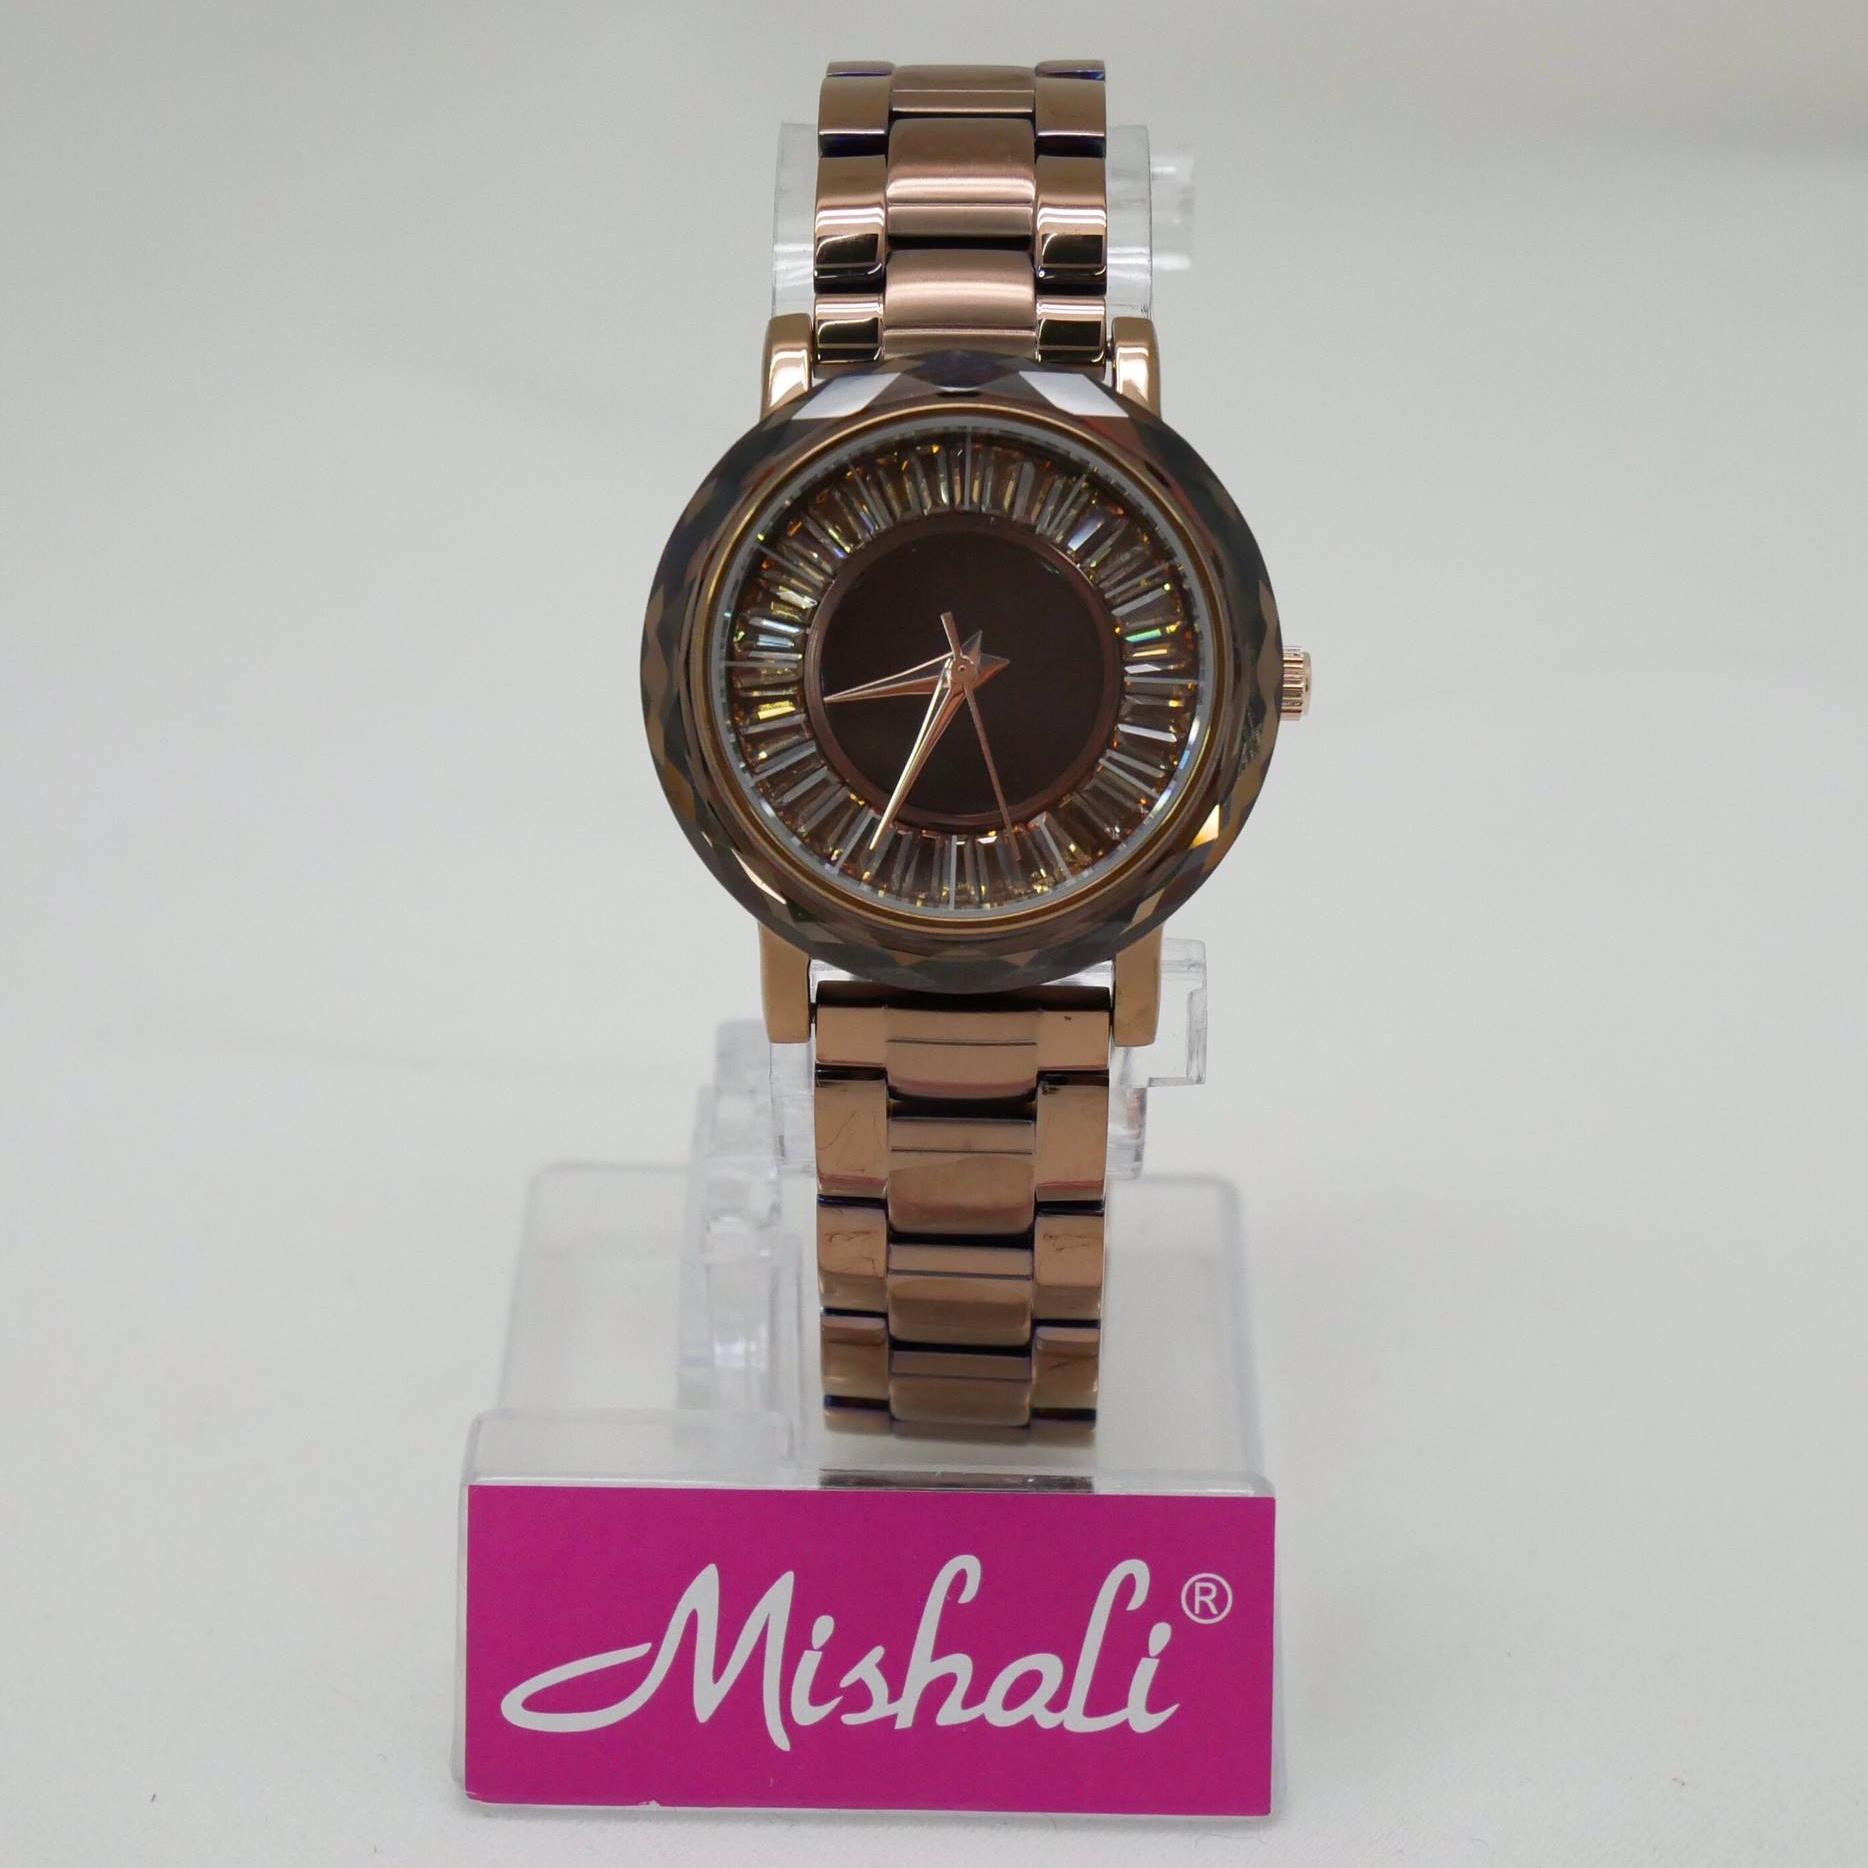 นาฬิกาข้อมือผู้หญิง MISHALI M19042 B